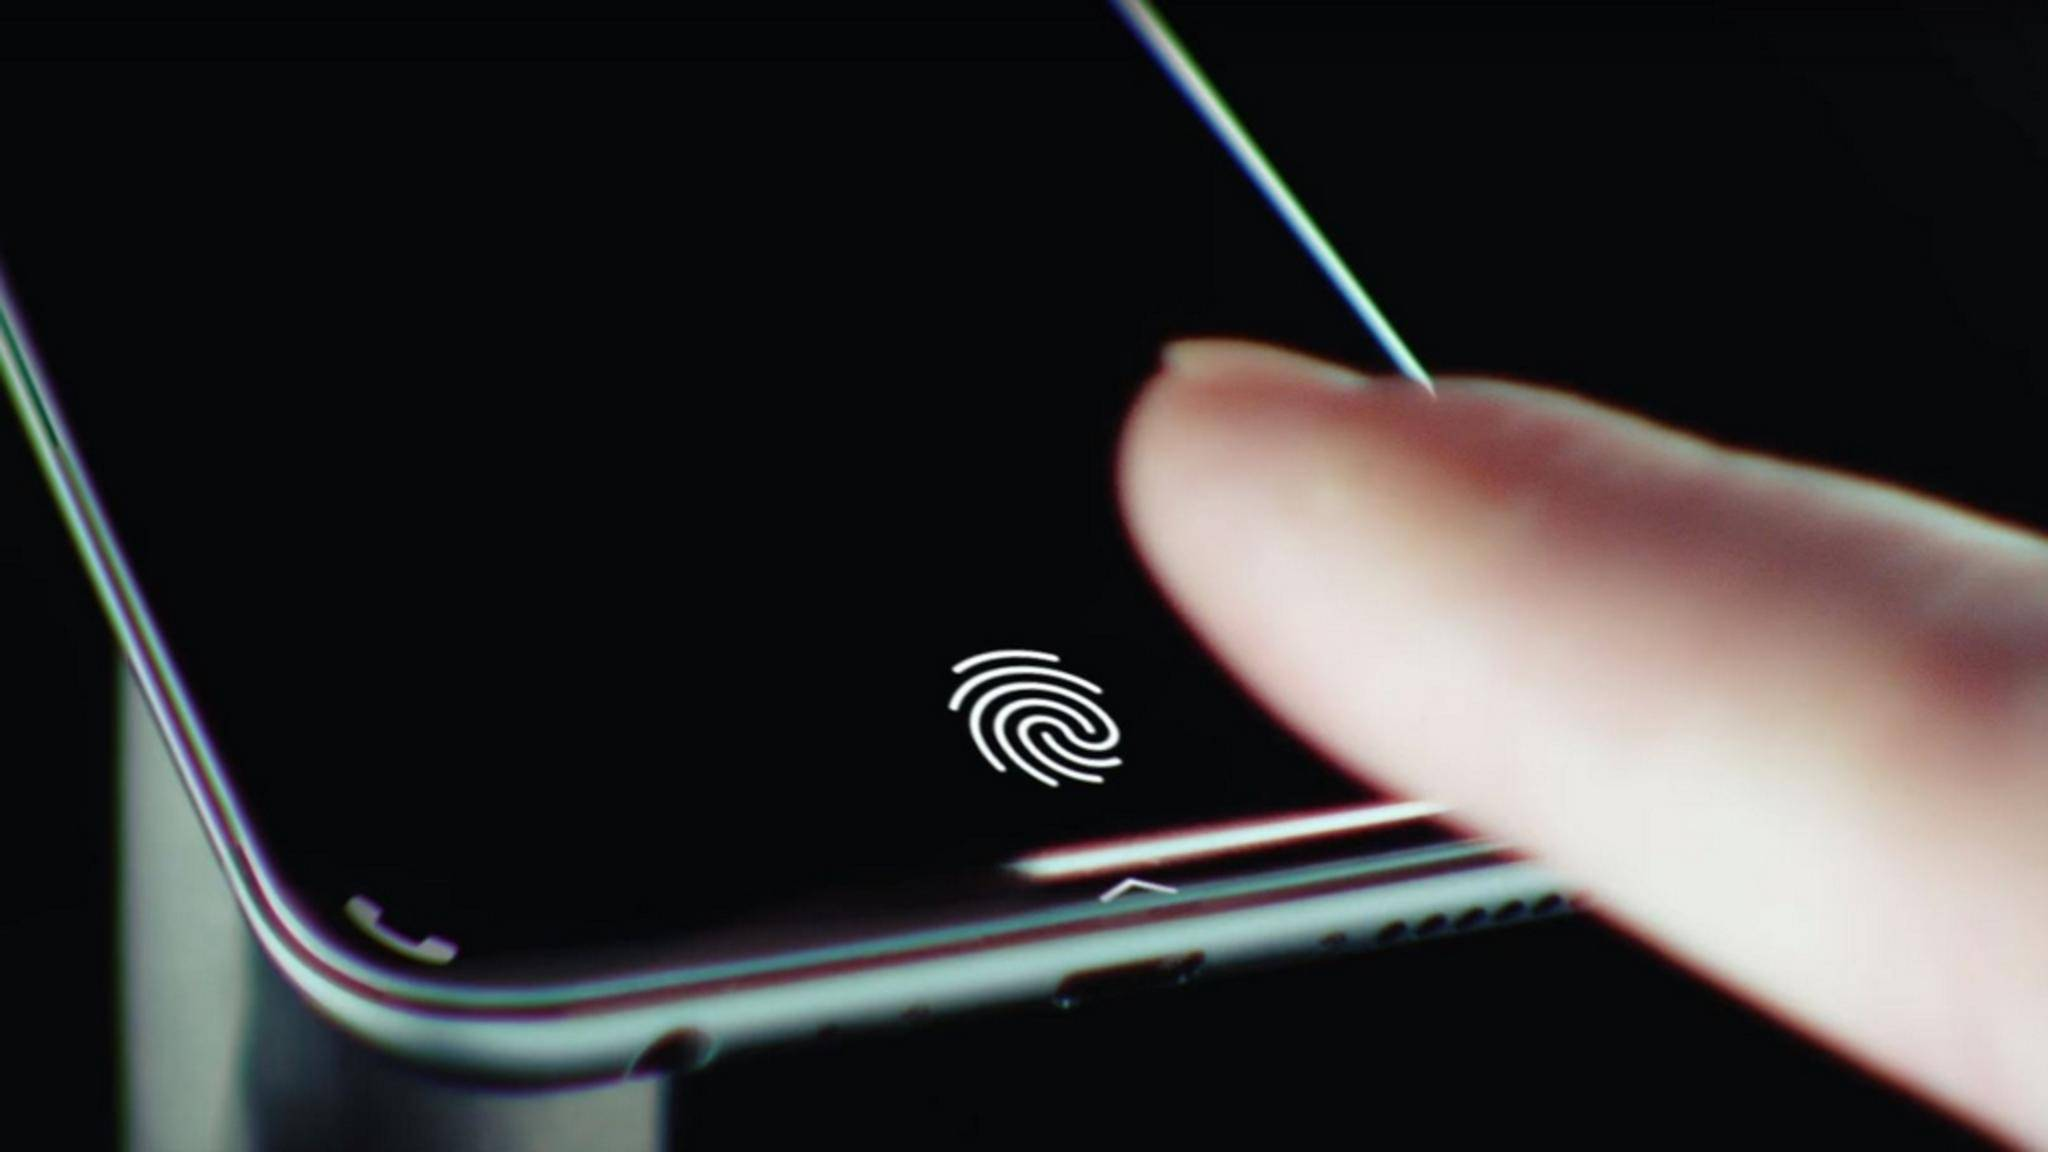 Zukünftig werden Fingerabdruckscanner wahrscheinlich unter dem Display eingebaut.